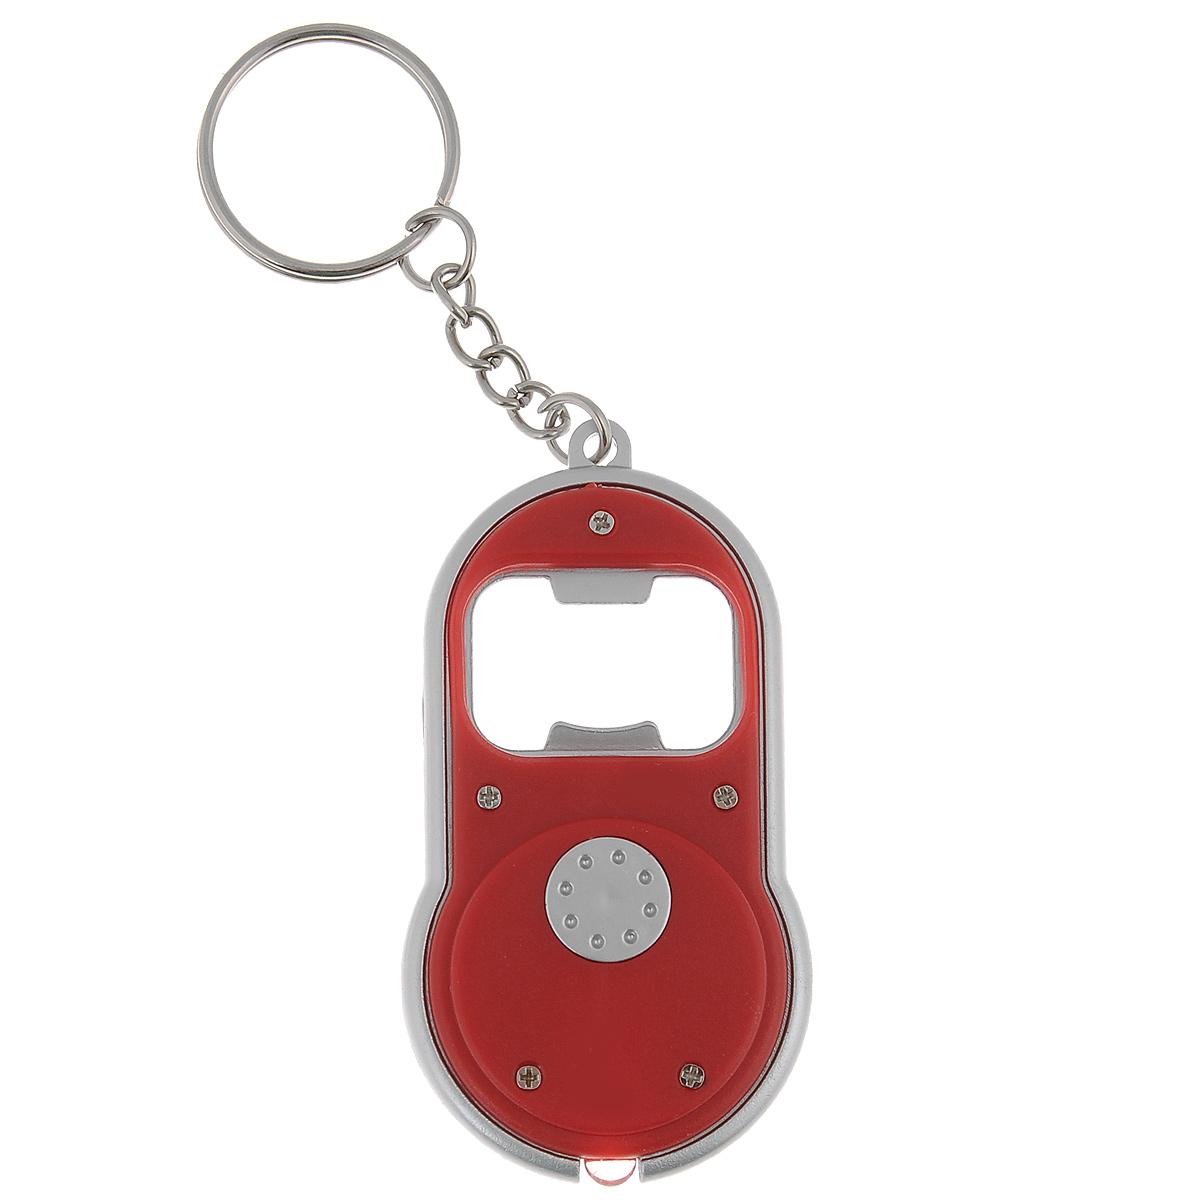 Брелок-открывалка для бутылок Bradex, с фонариком, цвет: красный, 4 см х 7 смTD 0285Простой и удобный аксессуар Bradex является сочетанием двух вещей, которые существенно облегчают повседневную жизнь. Брелок оснащен открывалкой и фонариком и легко крепится на сумке, связке ключей или легко помещается в кармане, чтобы быть под рукой в нужный момент. Работает от 2 батареек типа CR1120 (входят в комплект). Размер брелока: 4 см х 7 см х 0,7 см.